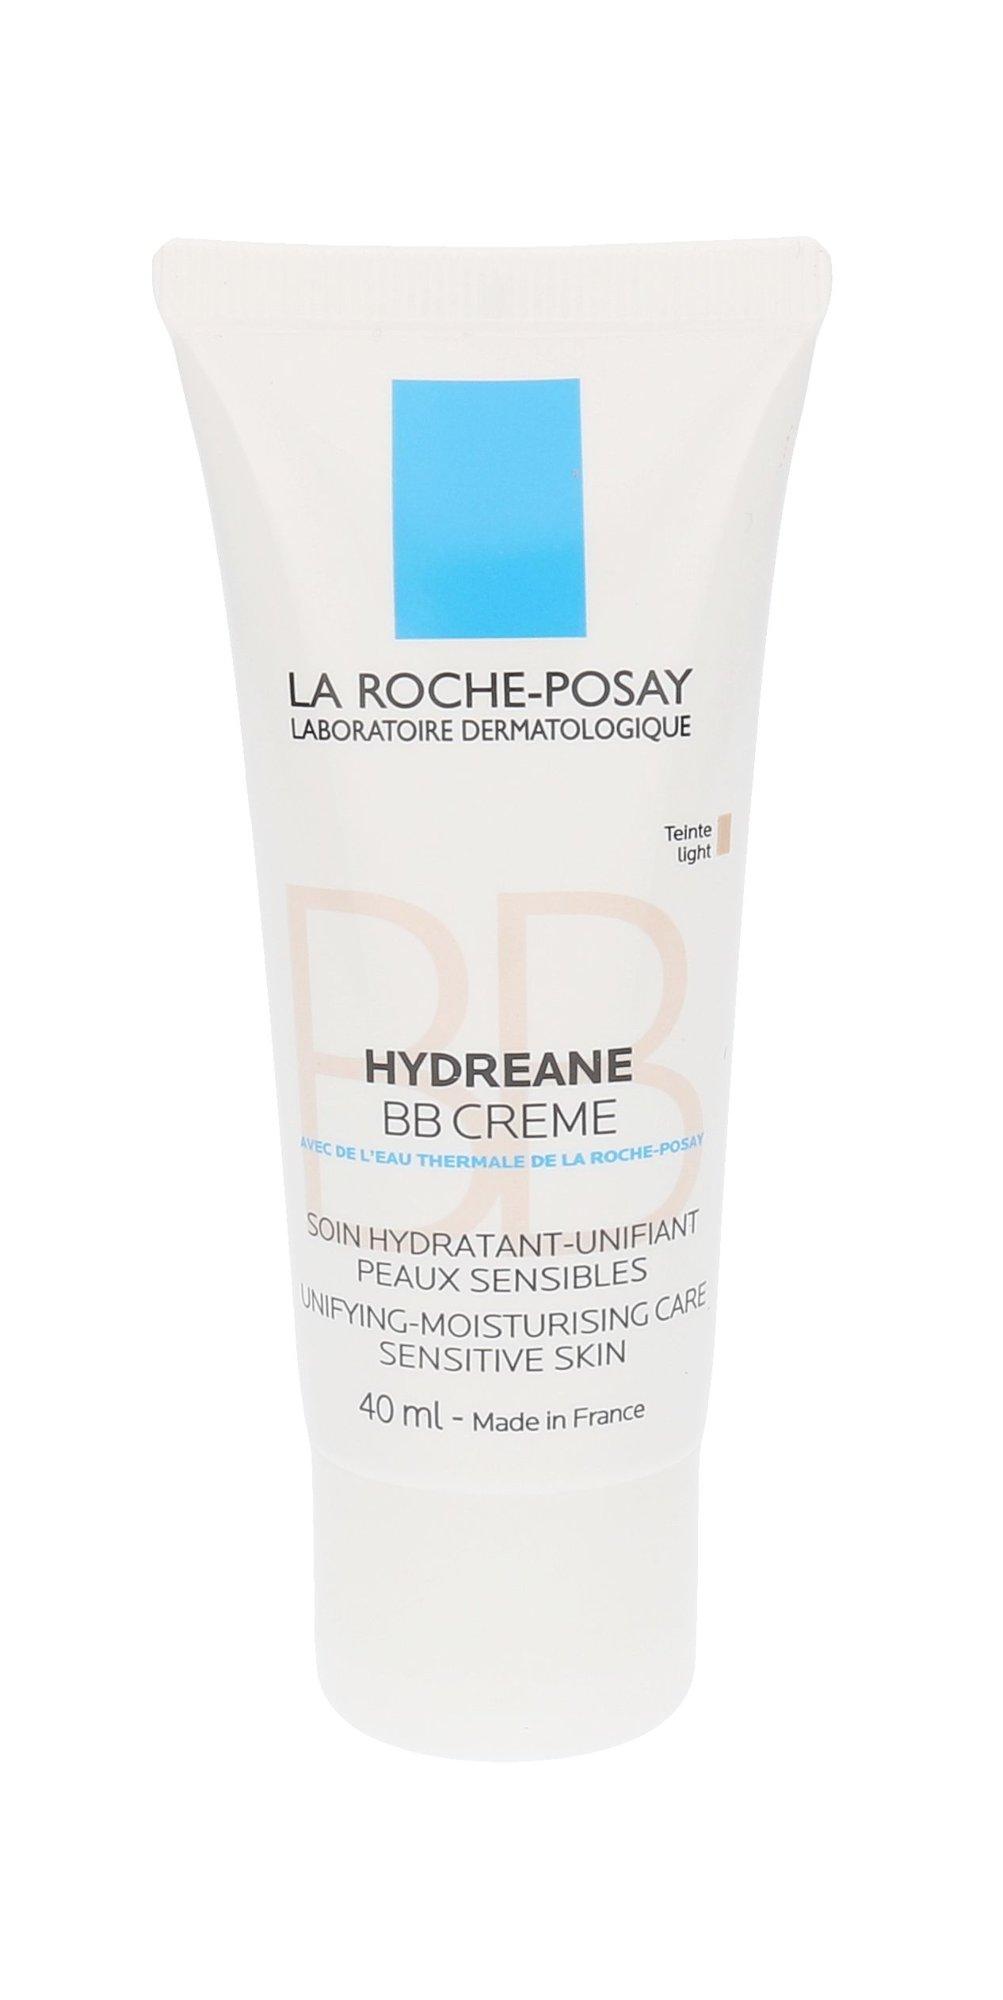 La Roche-Posay Hydreane Cosmetic 40ml